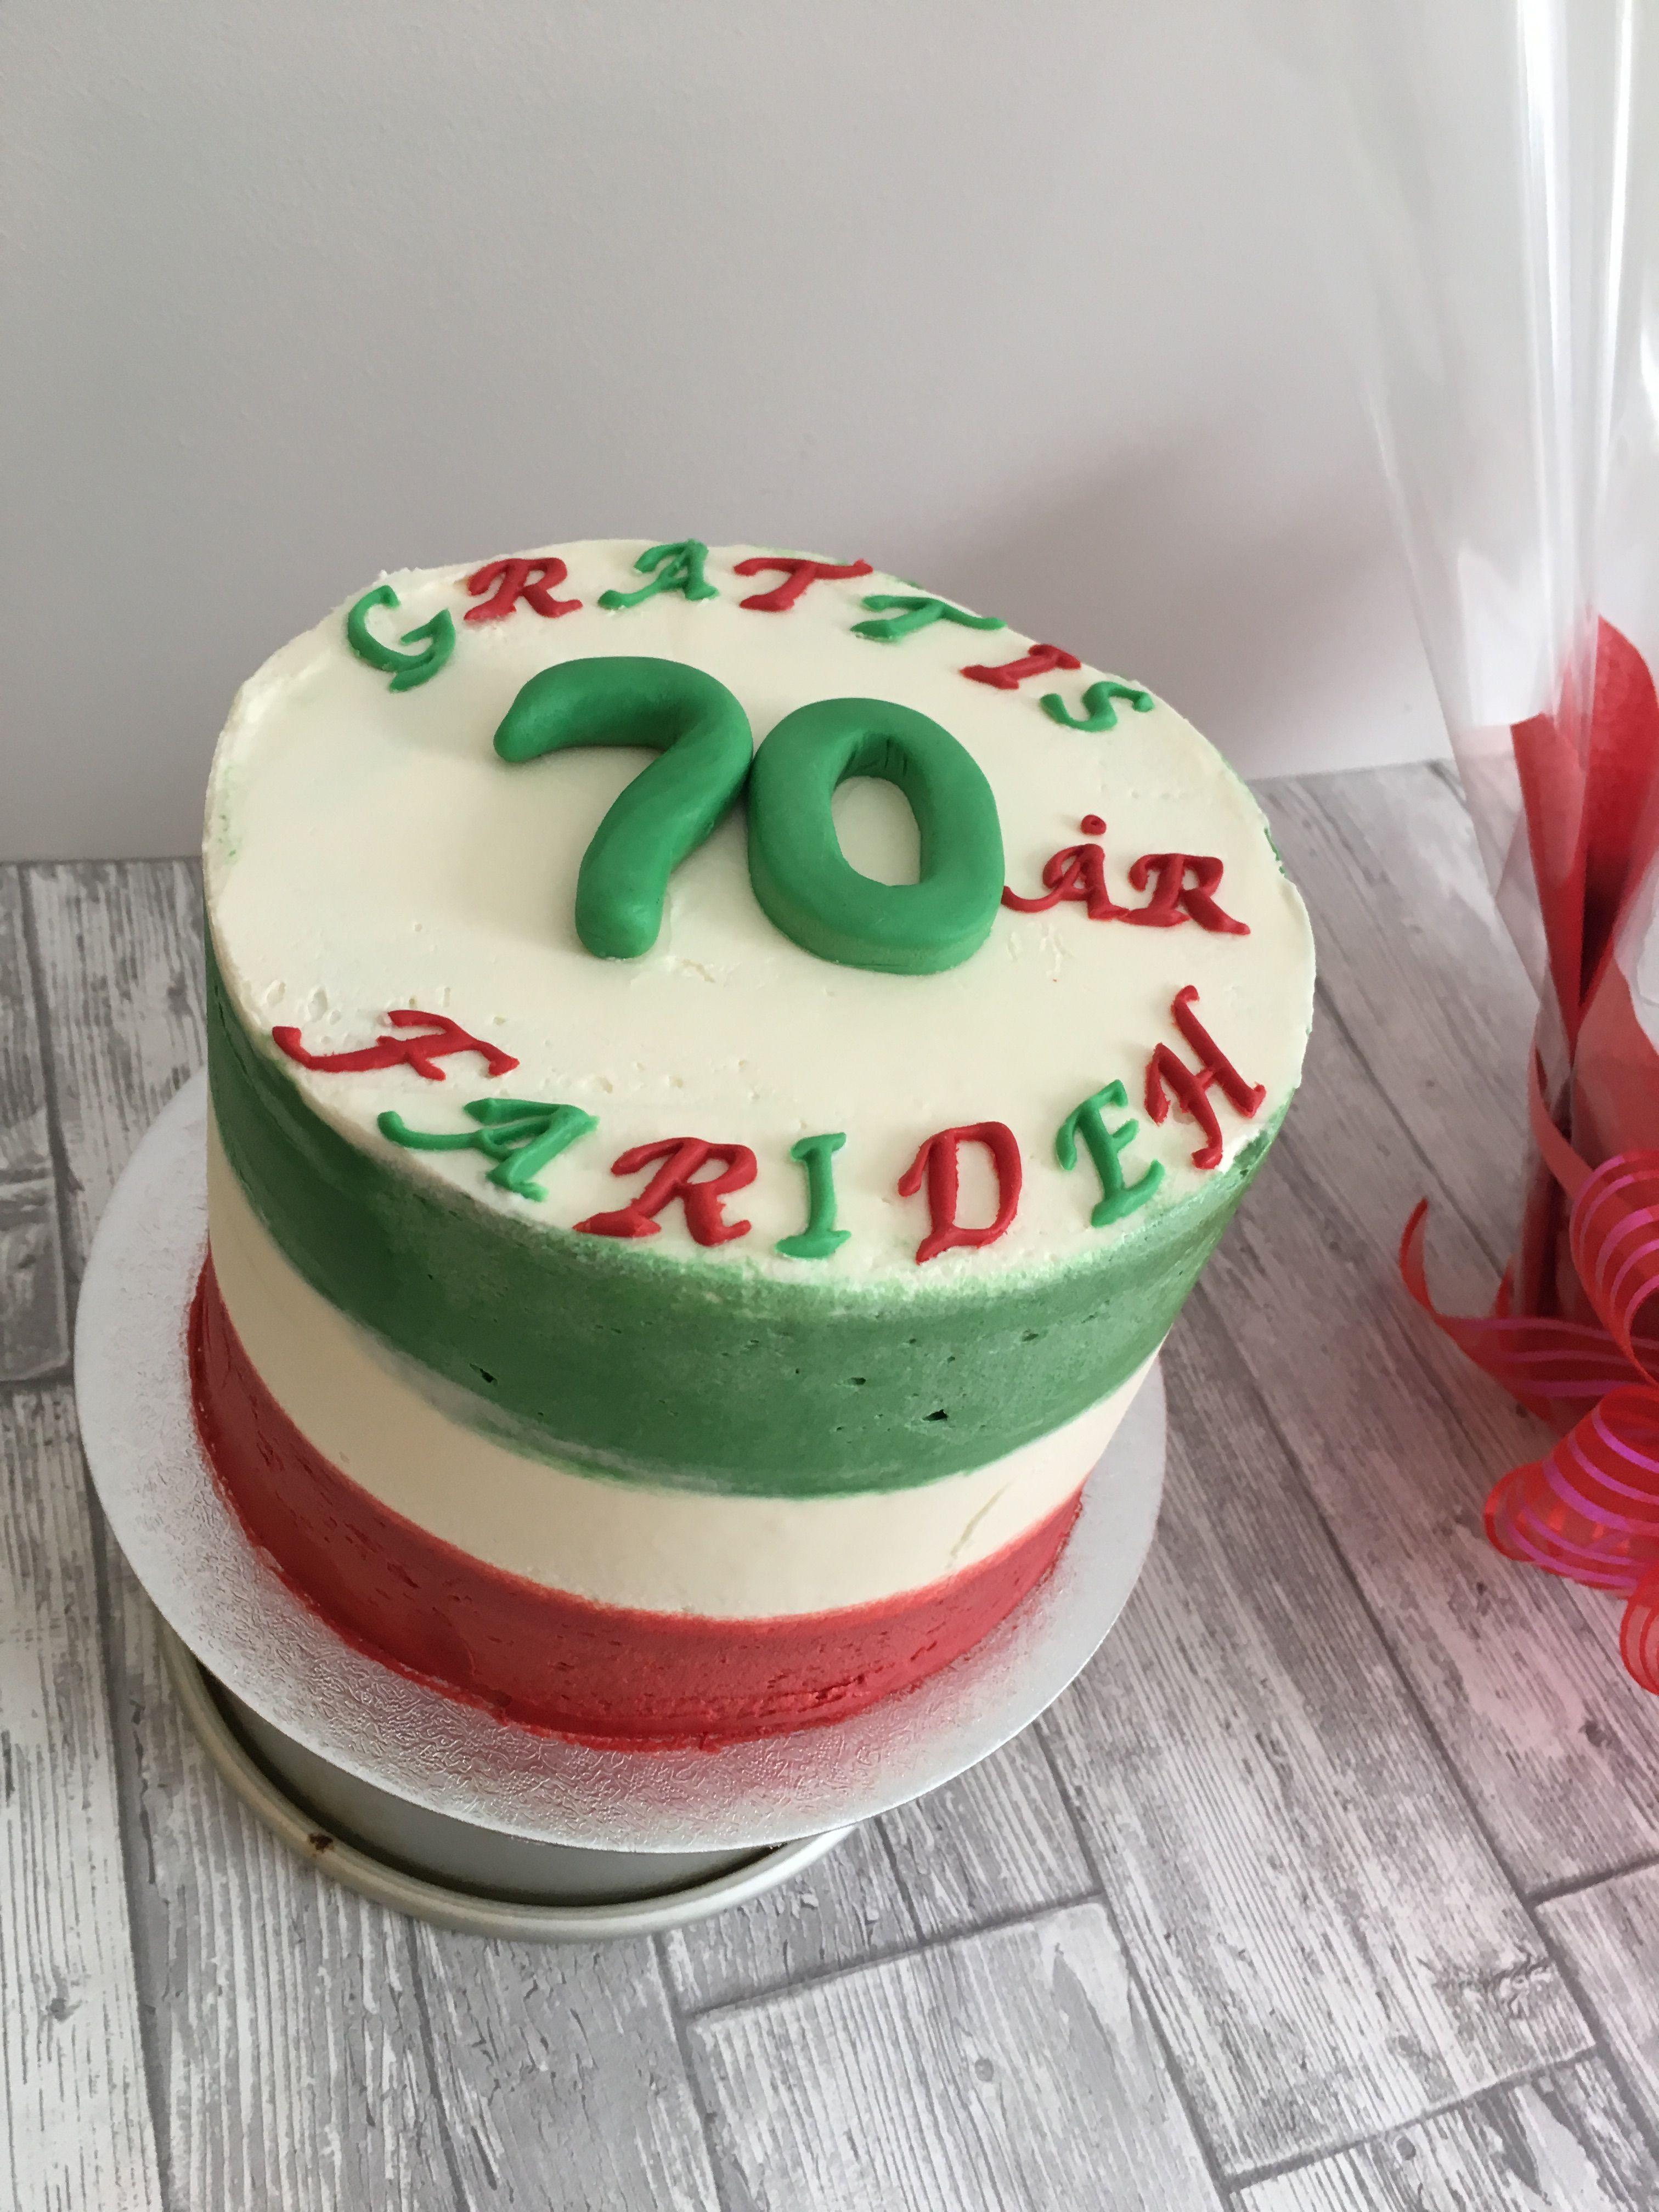 Iranian birthday cake Cakes Pinterest Iranian Birthday cakes